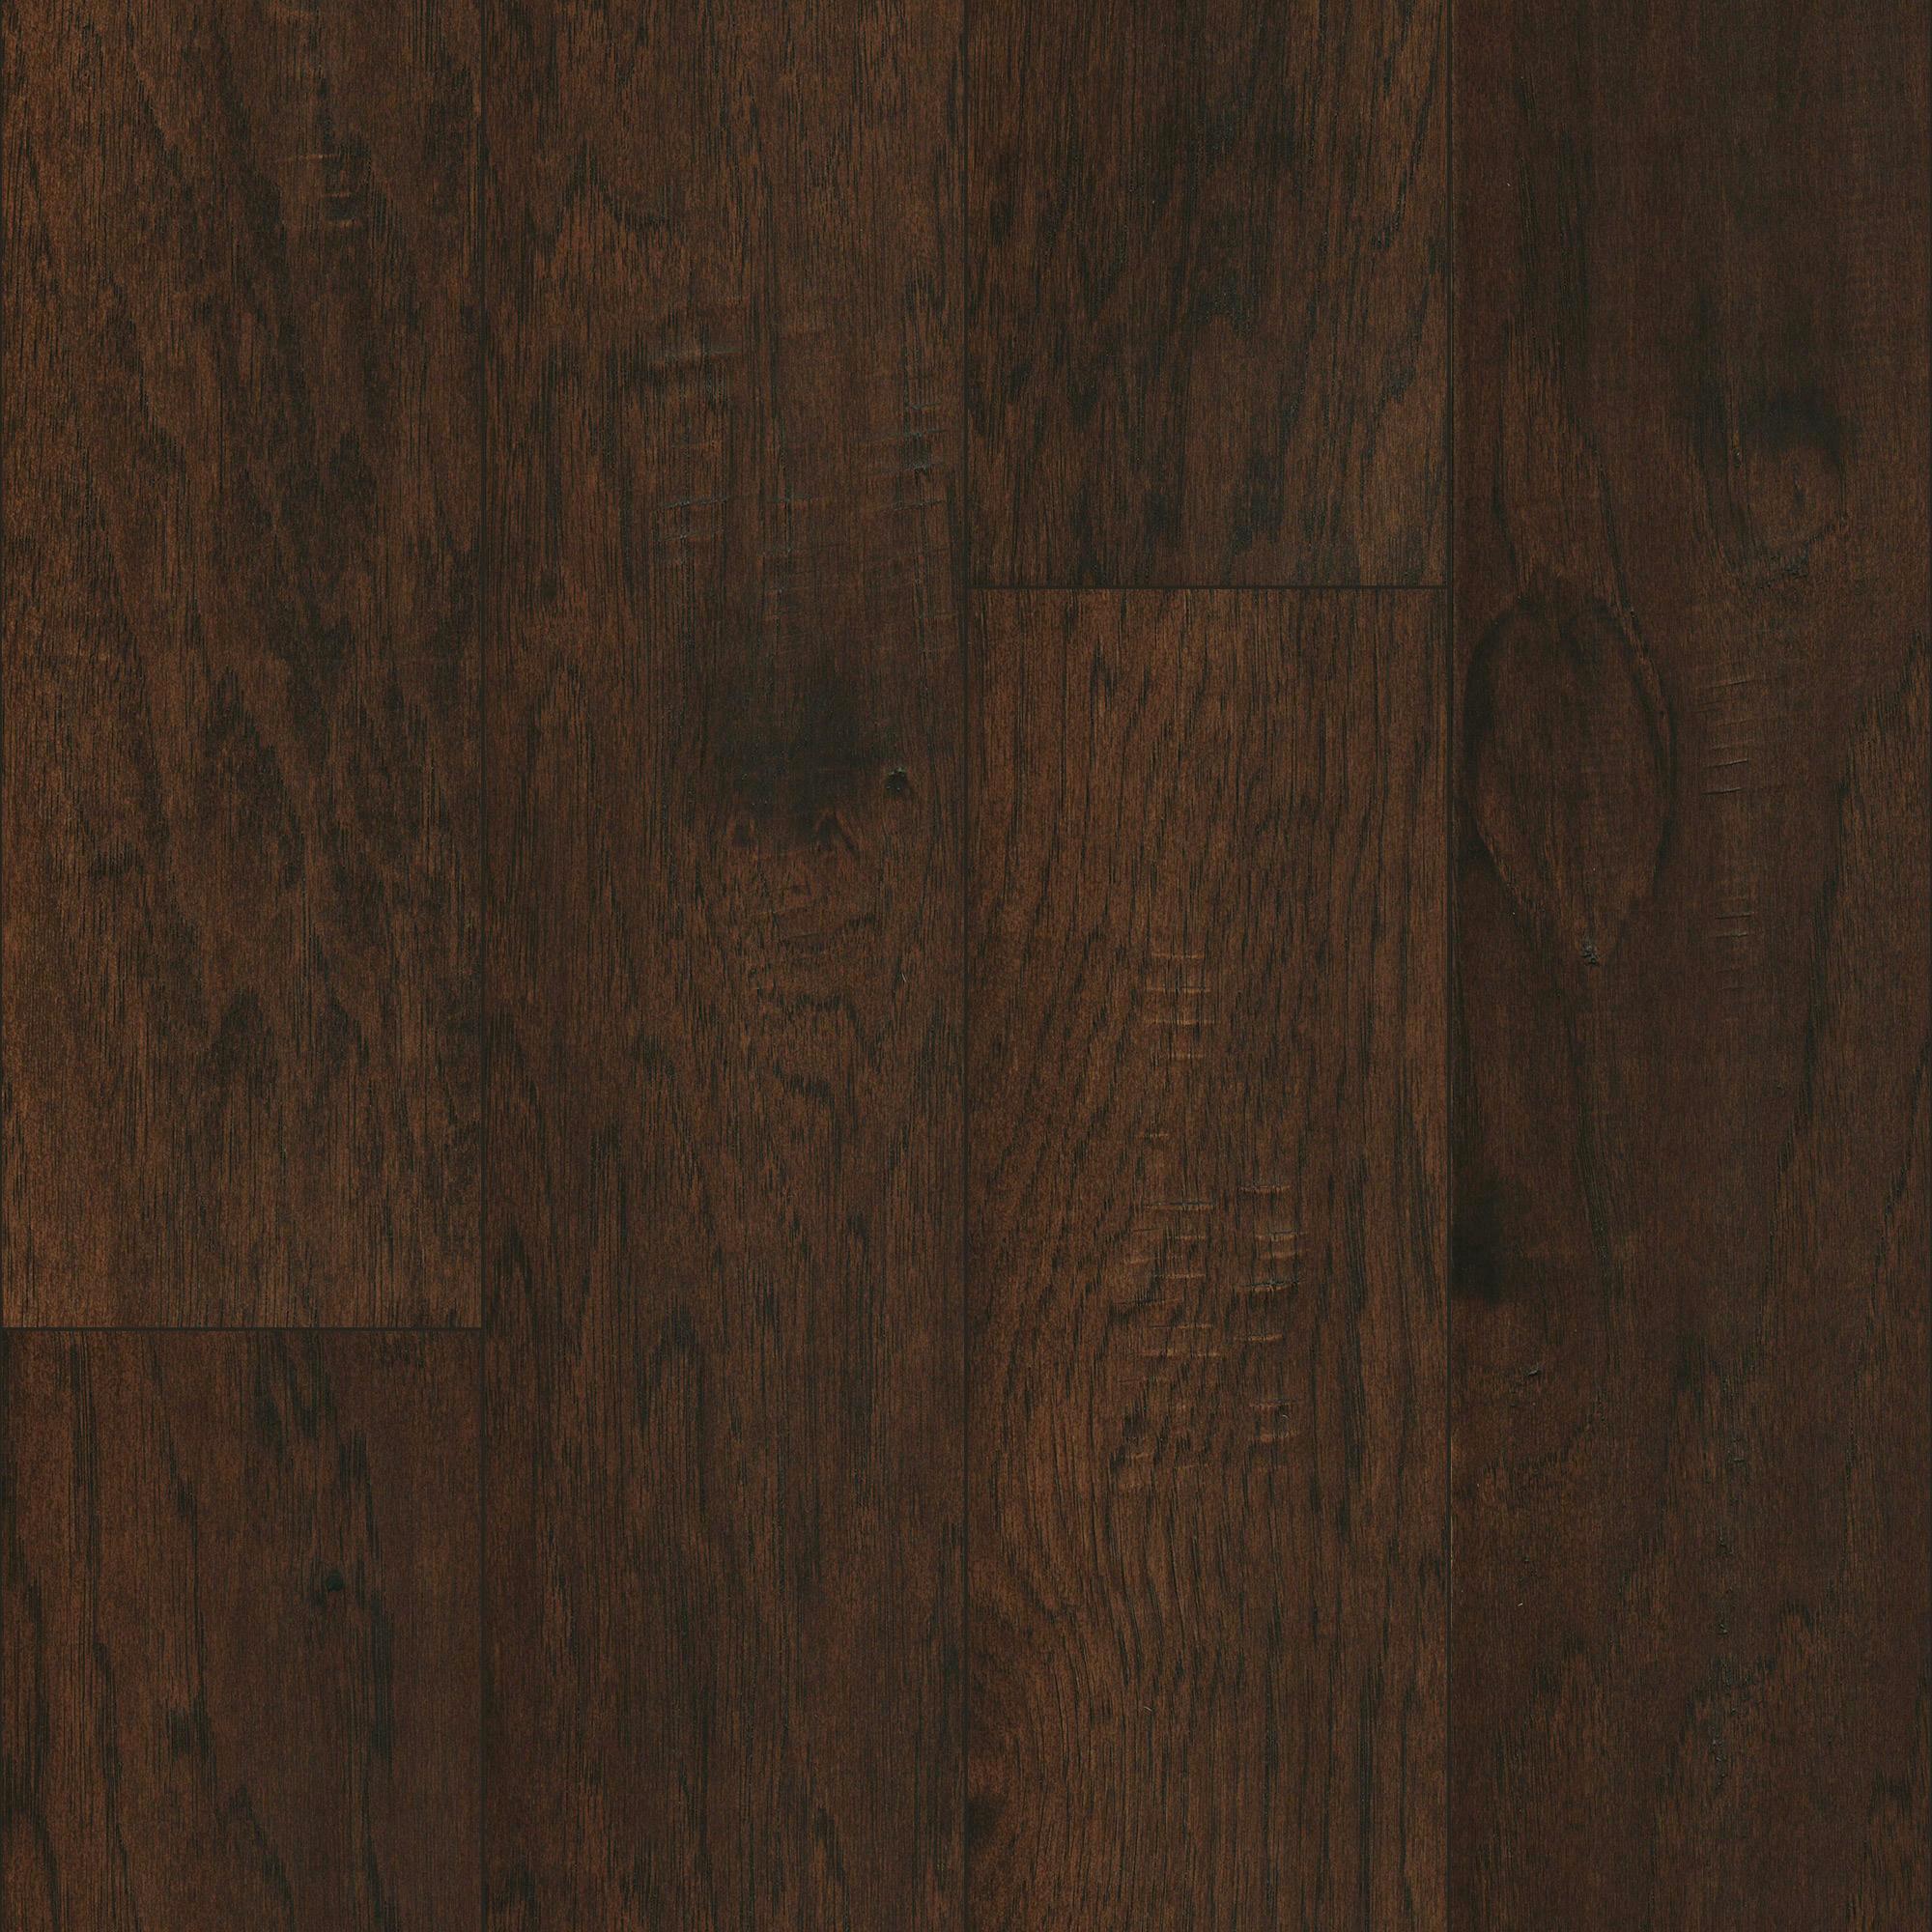 bruce hardwood flooring samples of eldorado hickory saddle bruce style hardwood throughout eldorado hickory saddle bruce style 6 5 wide 1 2 thick hand scraped hardwood